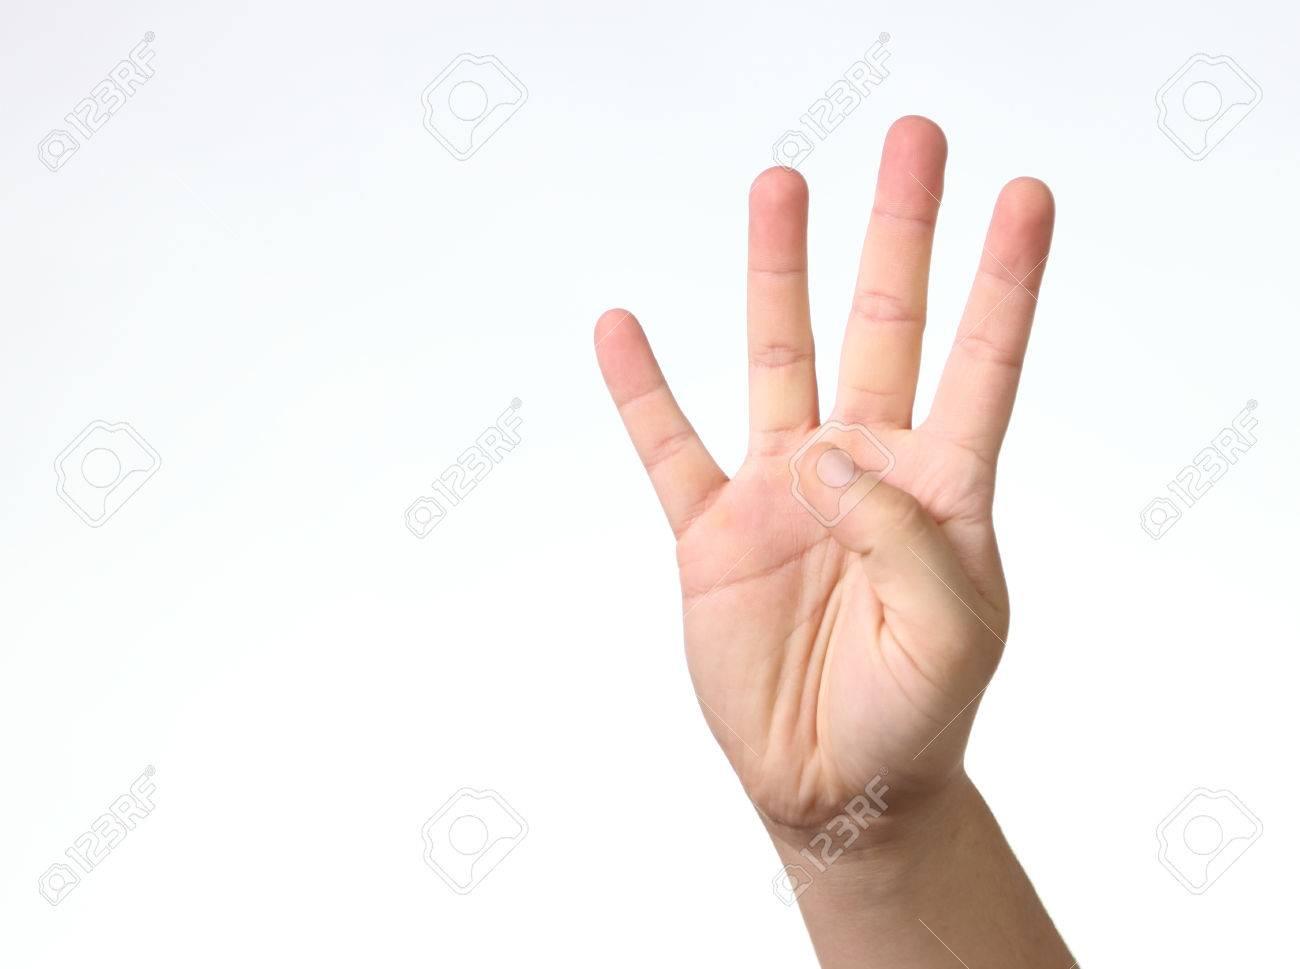 028d22cd97c1 Foto de archivo - Número 4 - ver con los cuatro dedos de la mano aislados  del fondo